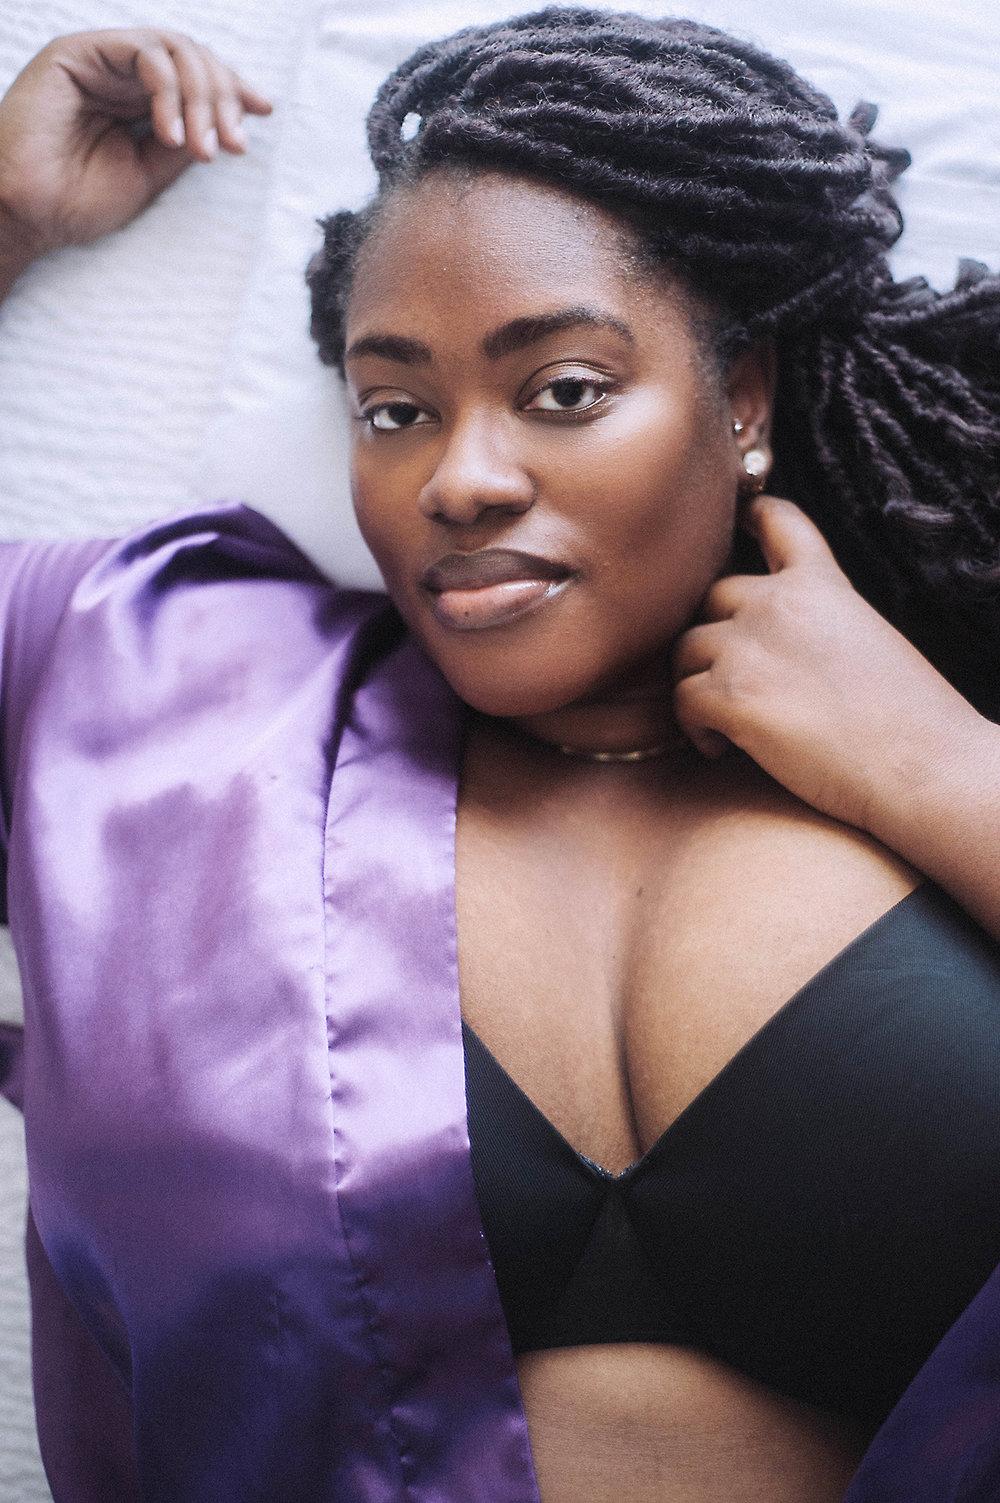 toni black dallas boudoir photographer.jpg